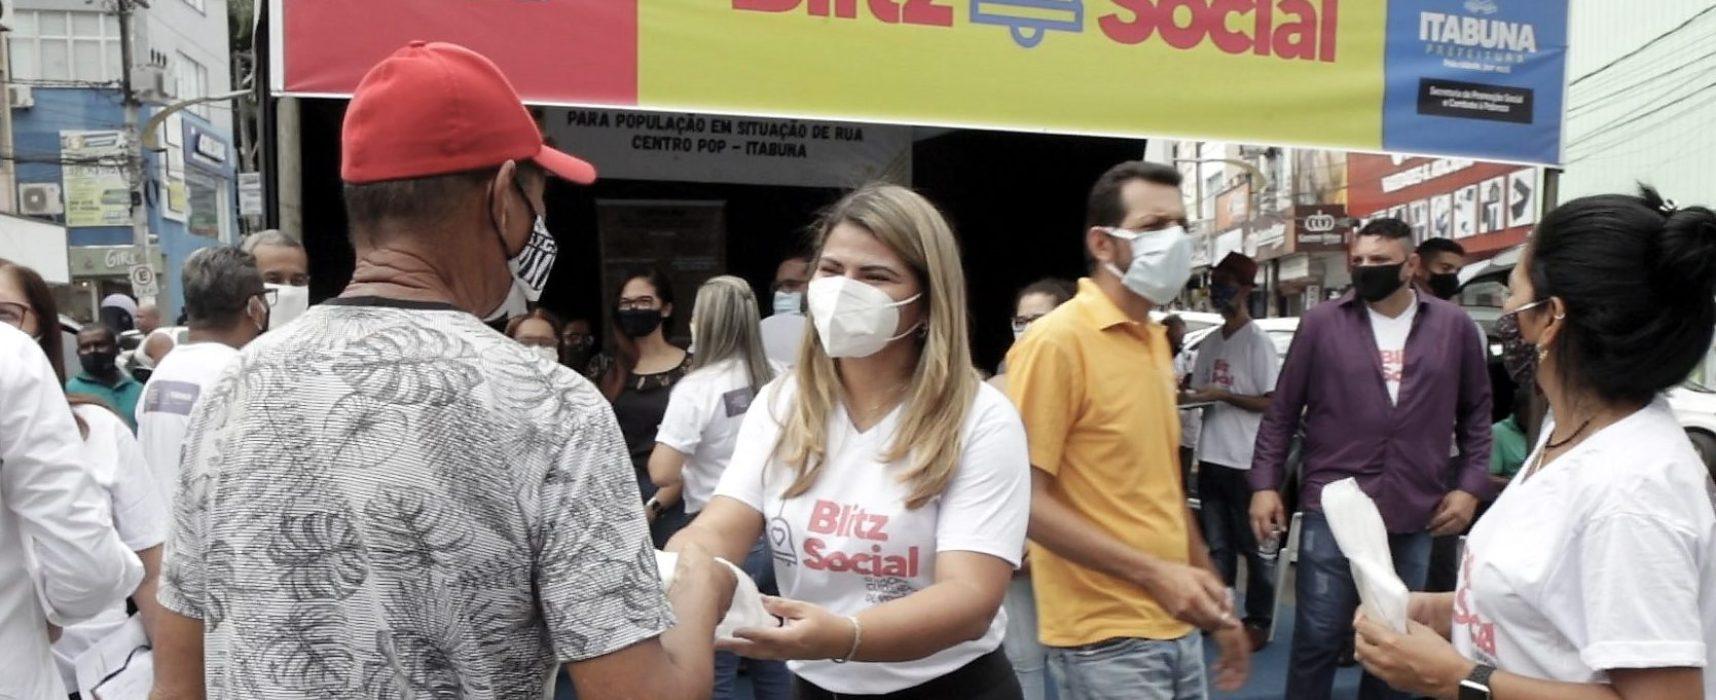 """""""Com a 'Blitz Social', a Secretaria de Promoção Social vai ampliar proteção a população vulnerável de Itabuna"""", diz Andrea Castro"""